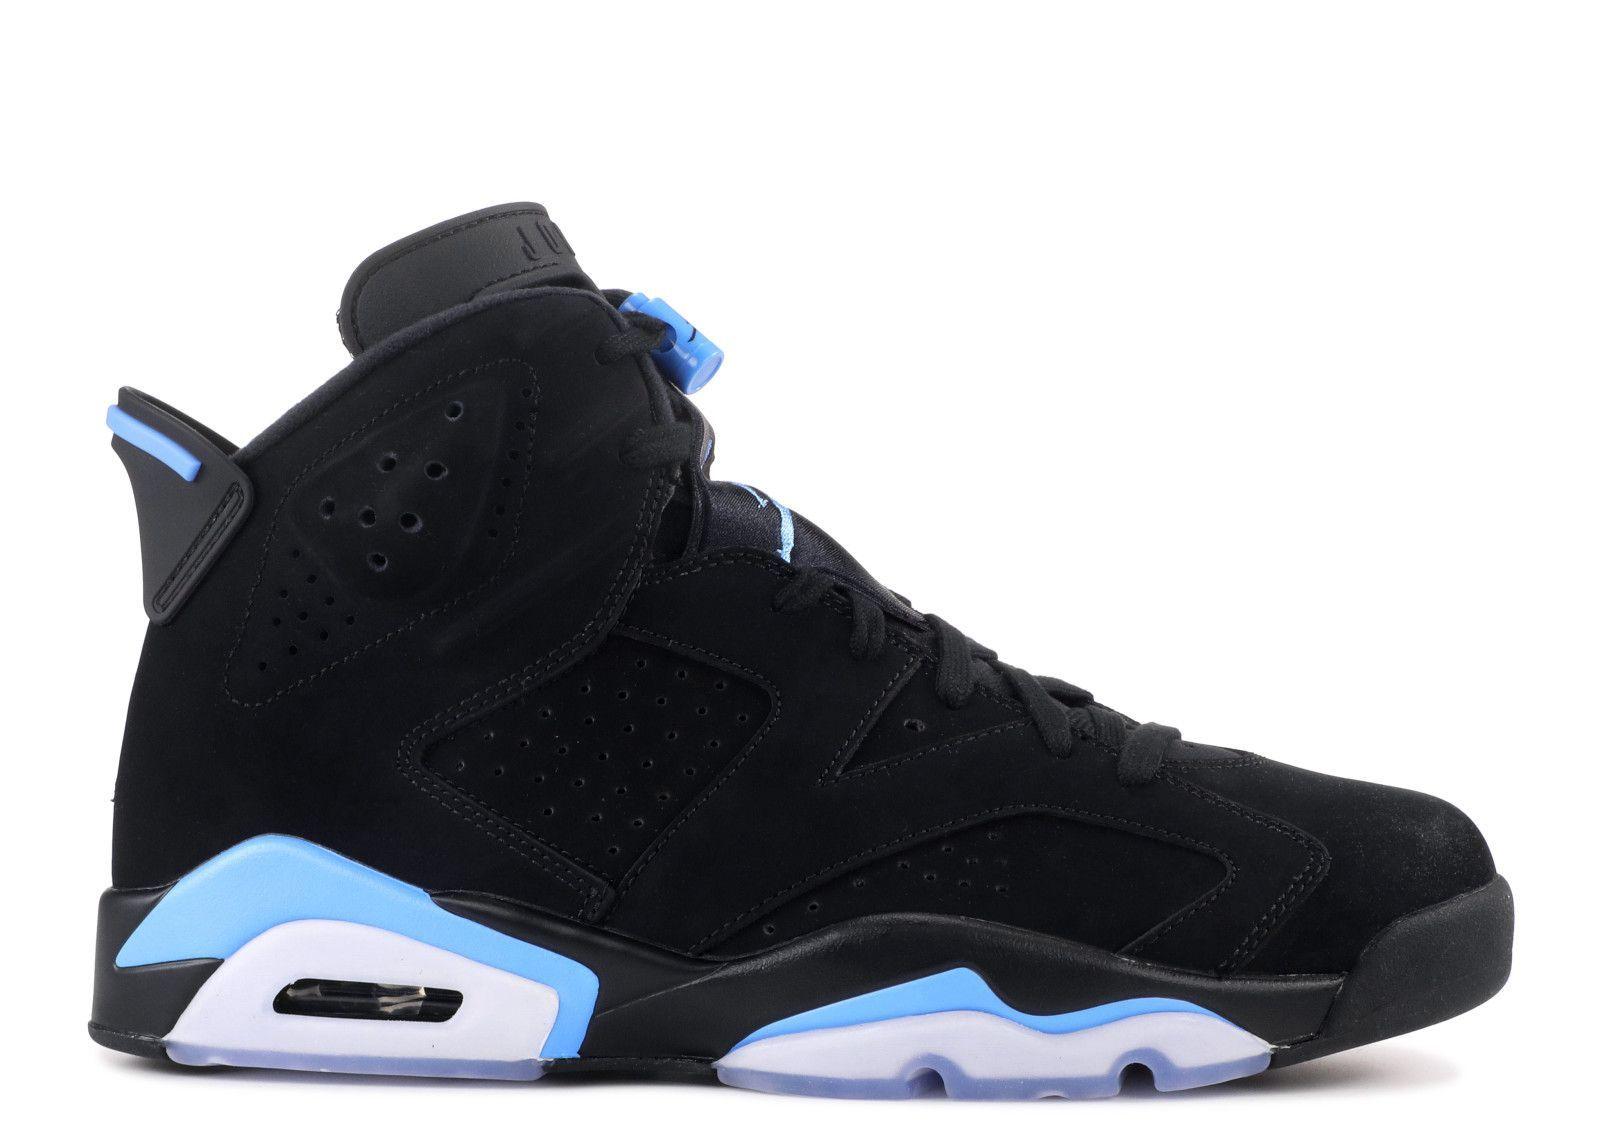 Air Jordan 6 Retro Unc Air Jordan 384664 006 Black University Blue In 2020 Jordan Shoes Girls Nike Air Shoes Shoes Sneakers Nike